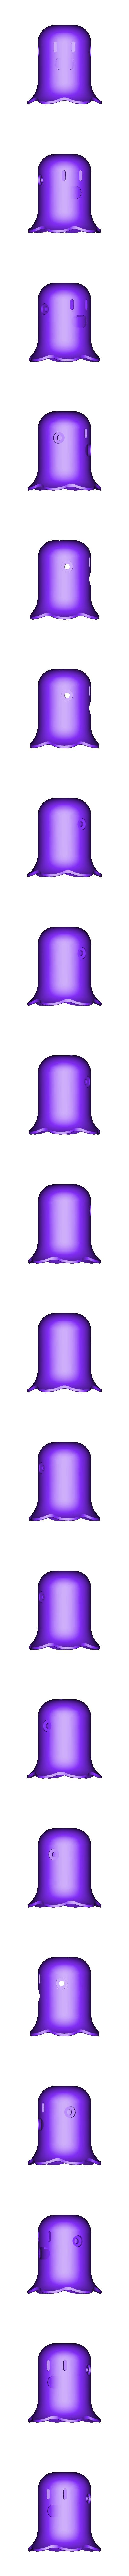 PB-001.stl Download STL file Spooky Money Jar • Template to 3D print, Timtim